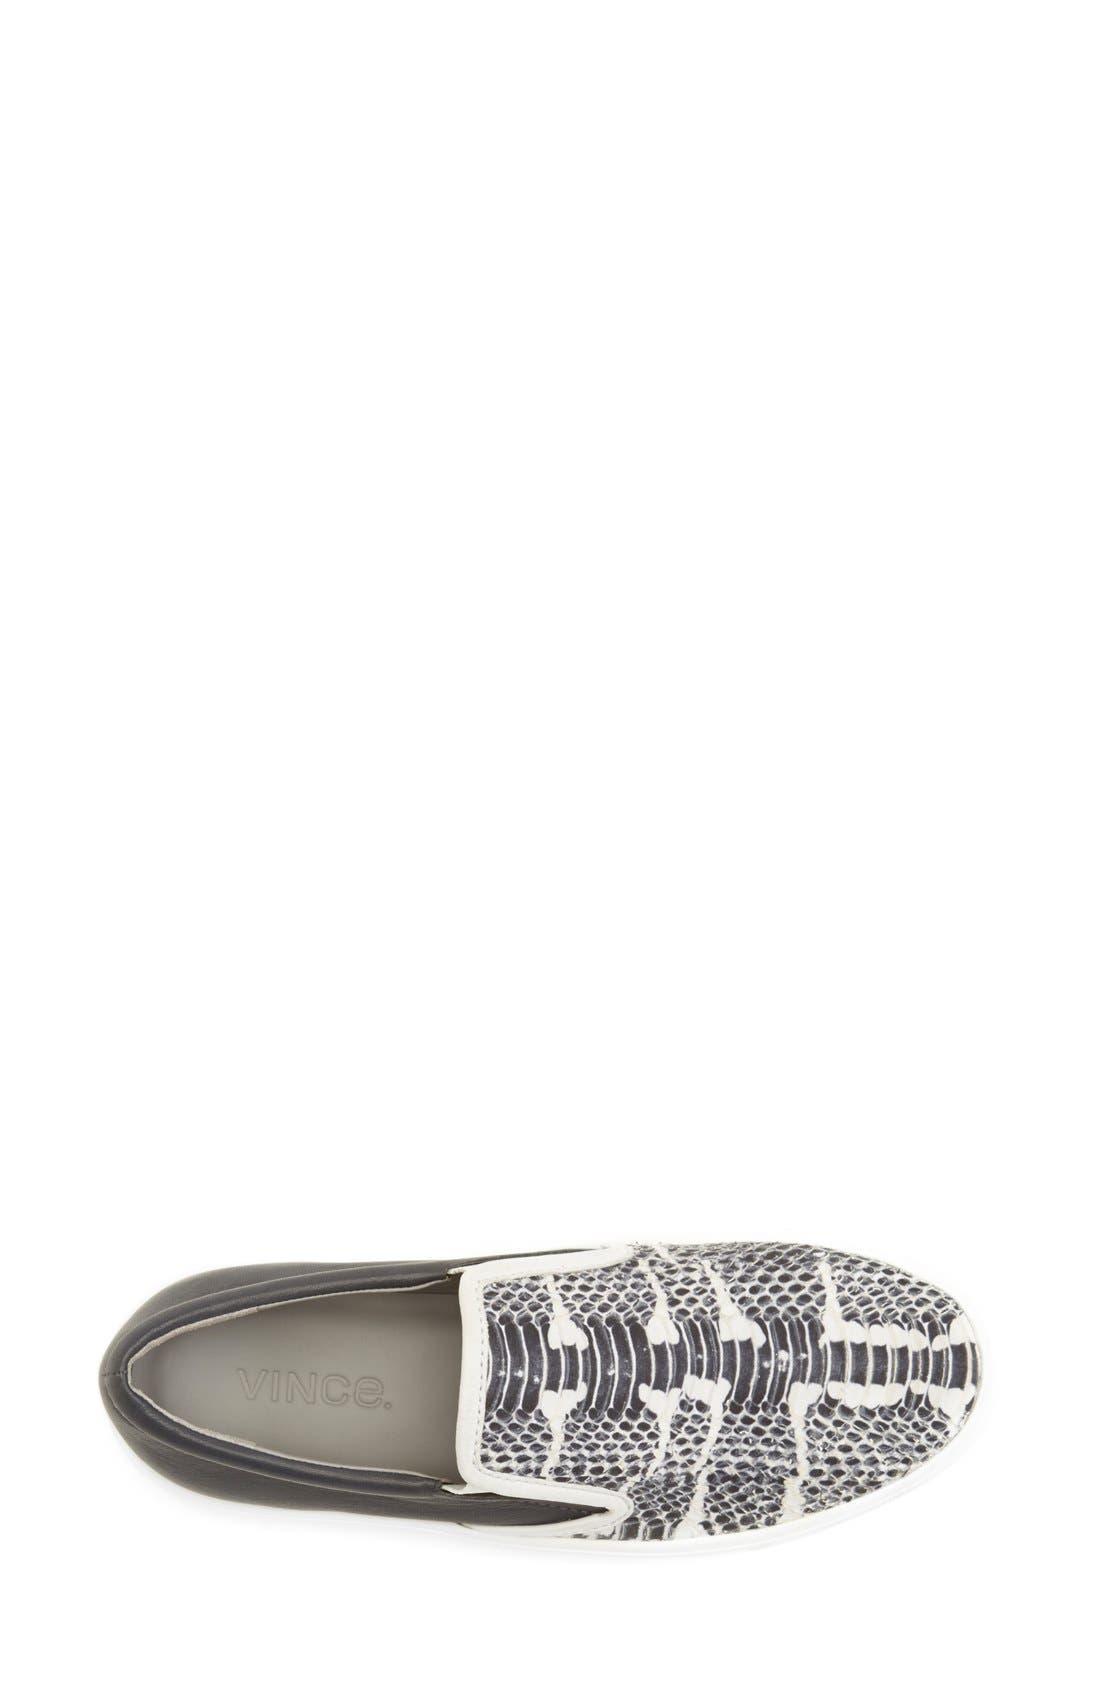 Alternate Image 3  - Vince 'Banler' Slip-On Sneaker (Women)